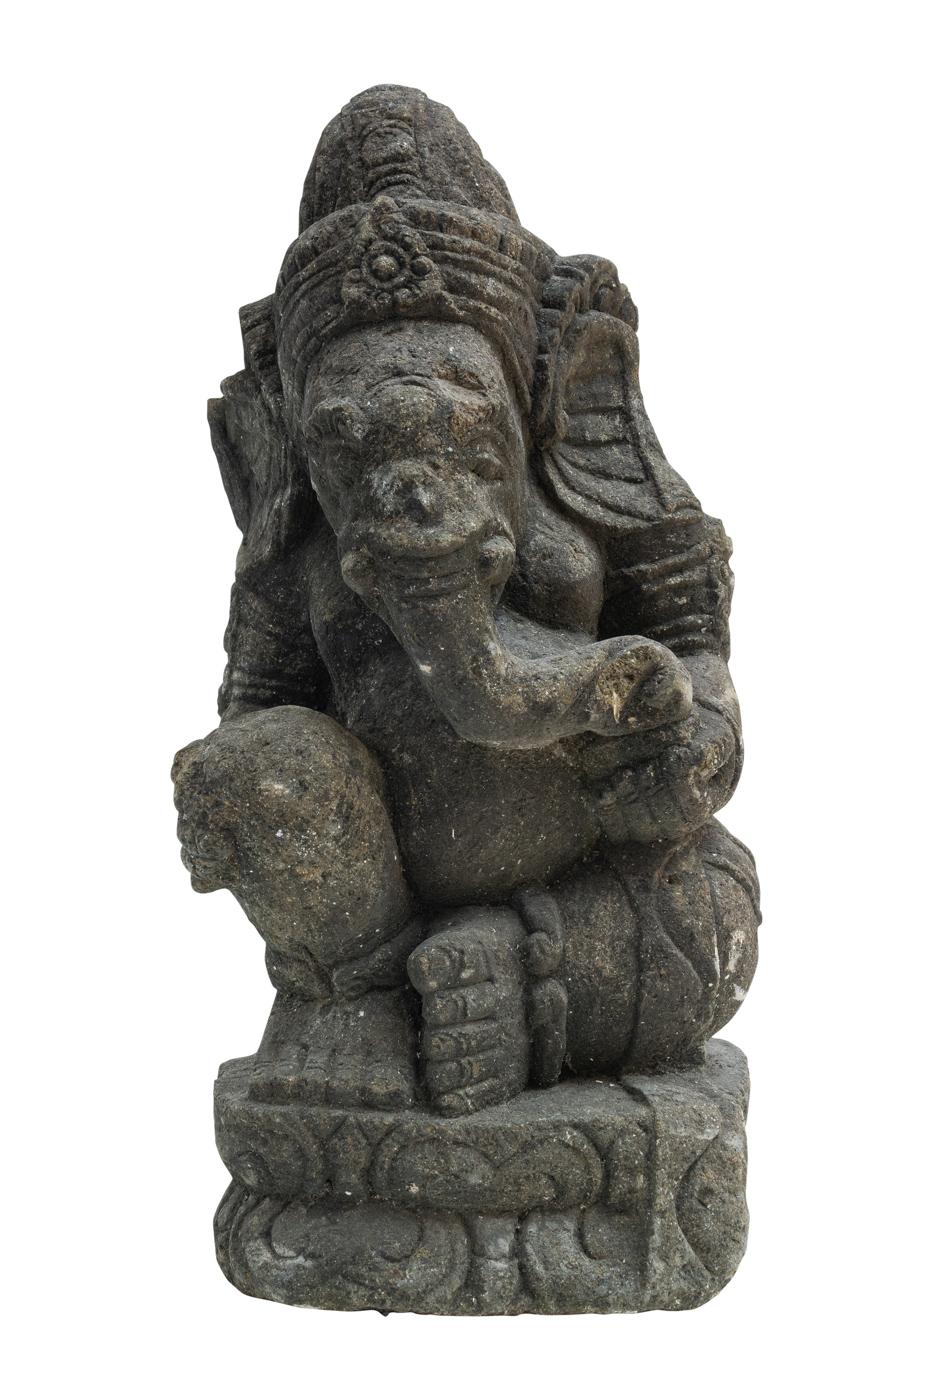 Escultura de Ganesh tallada en piedra verde